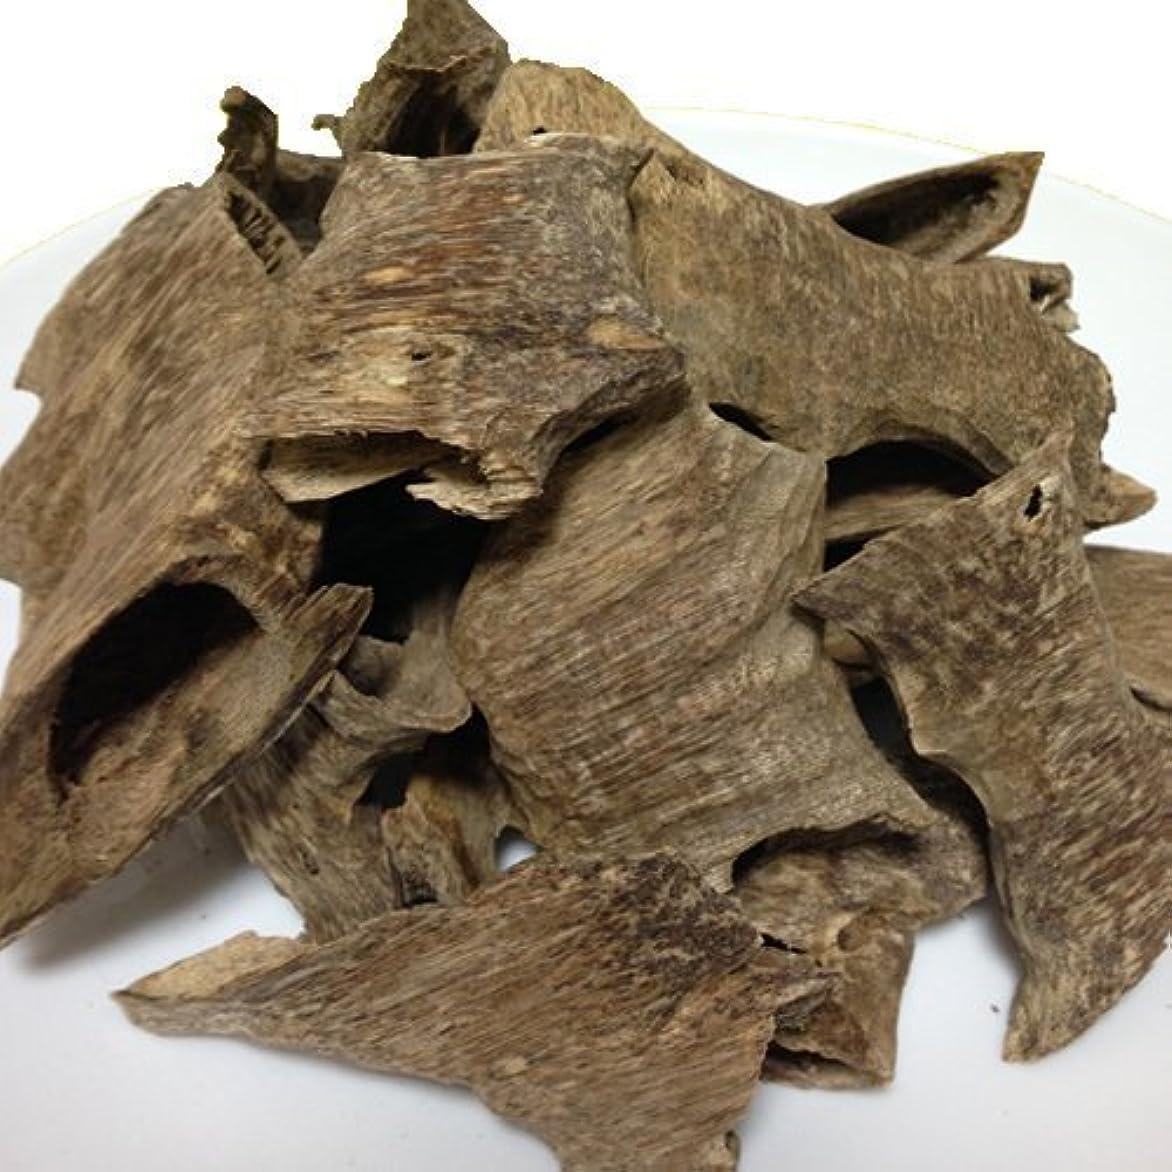 疎外騒々しいボウリング[ Vietnam market ] Agarwood Chips (Aloeswood Agalloch Eaglewood) From Vietnam 3.5 Oz by Vietnam market [並行輸入品]